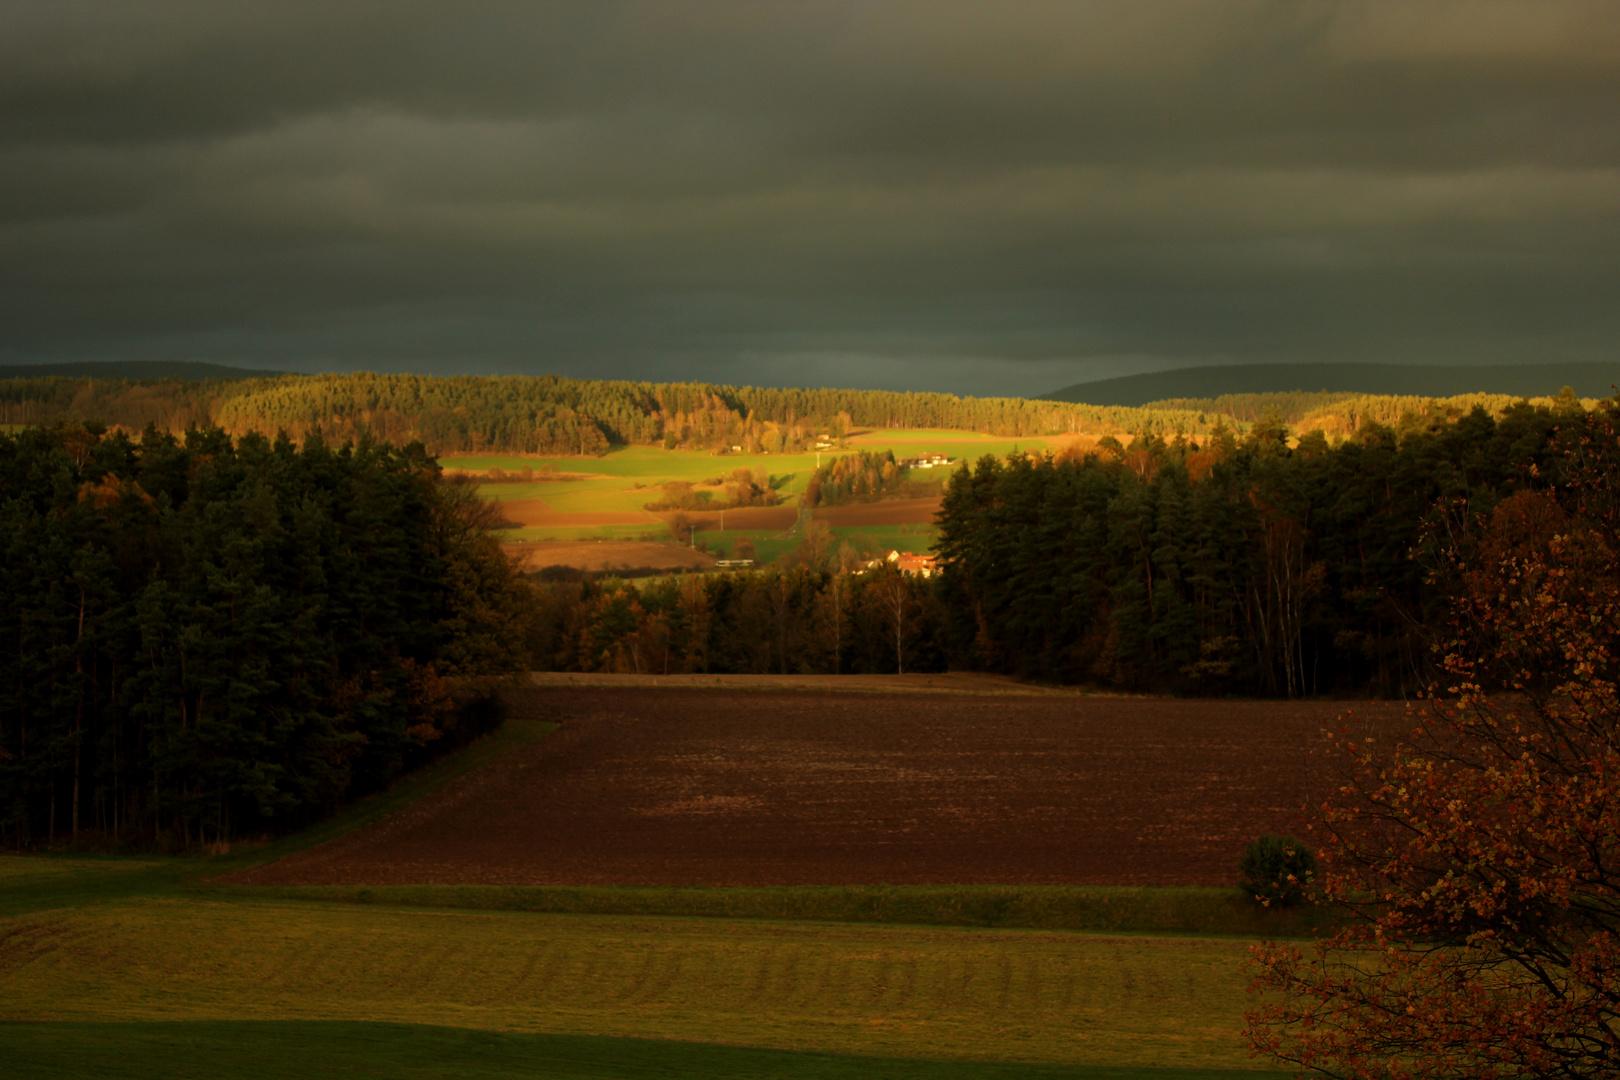 ...ab und zu schaut die Sonne mal durch die Wolkendecke